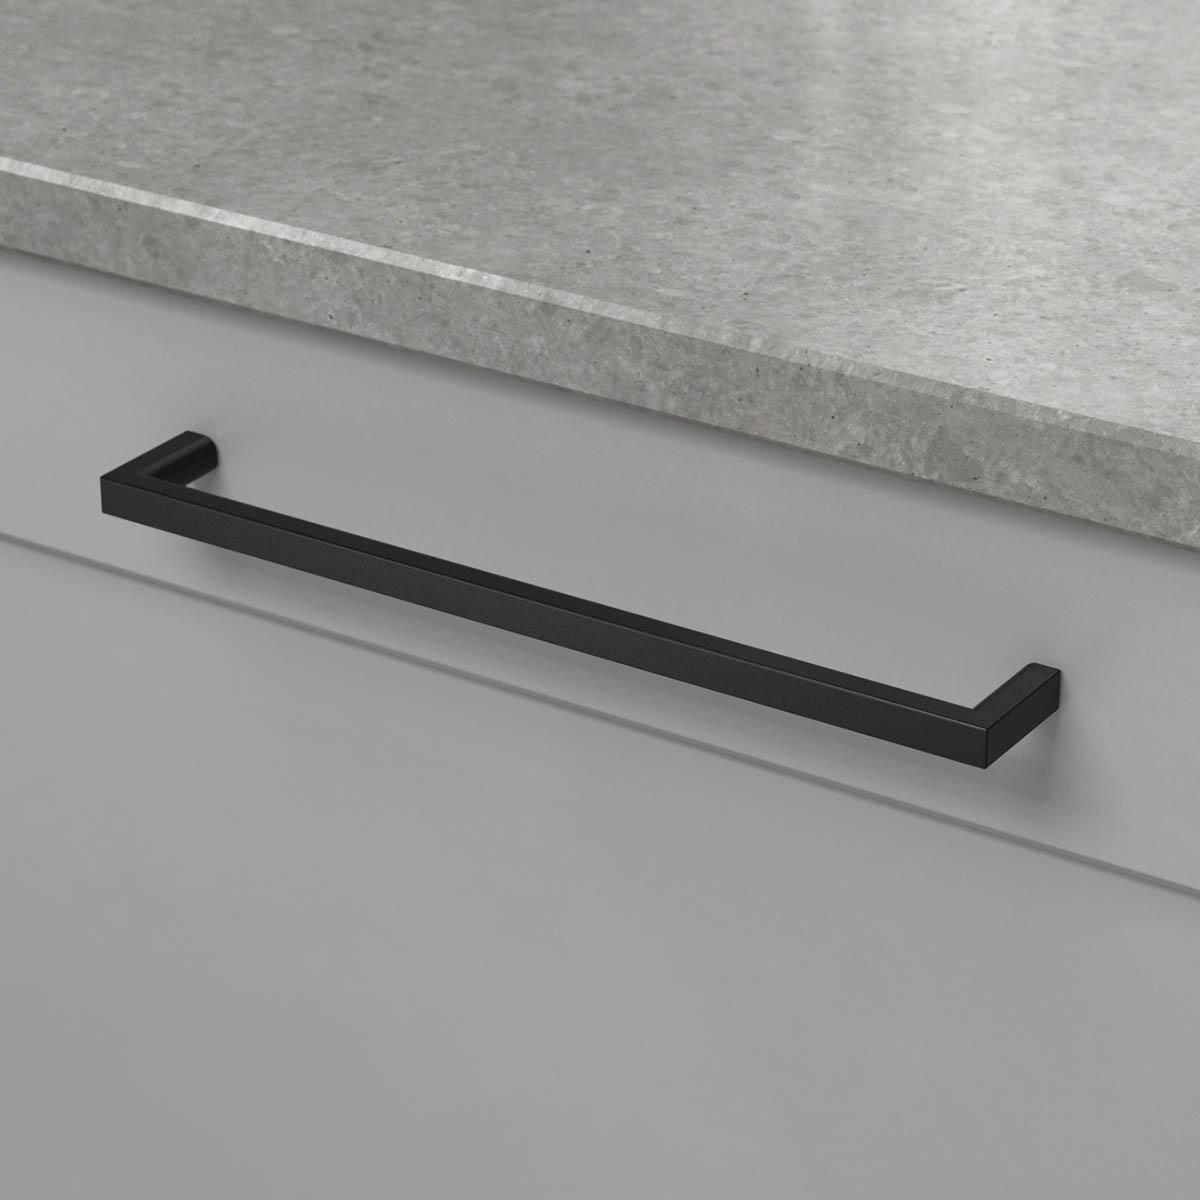 Handtag soft matt svart 306006 11 cc 192 mm ncs s 4500 n noble concrete grey